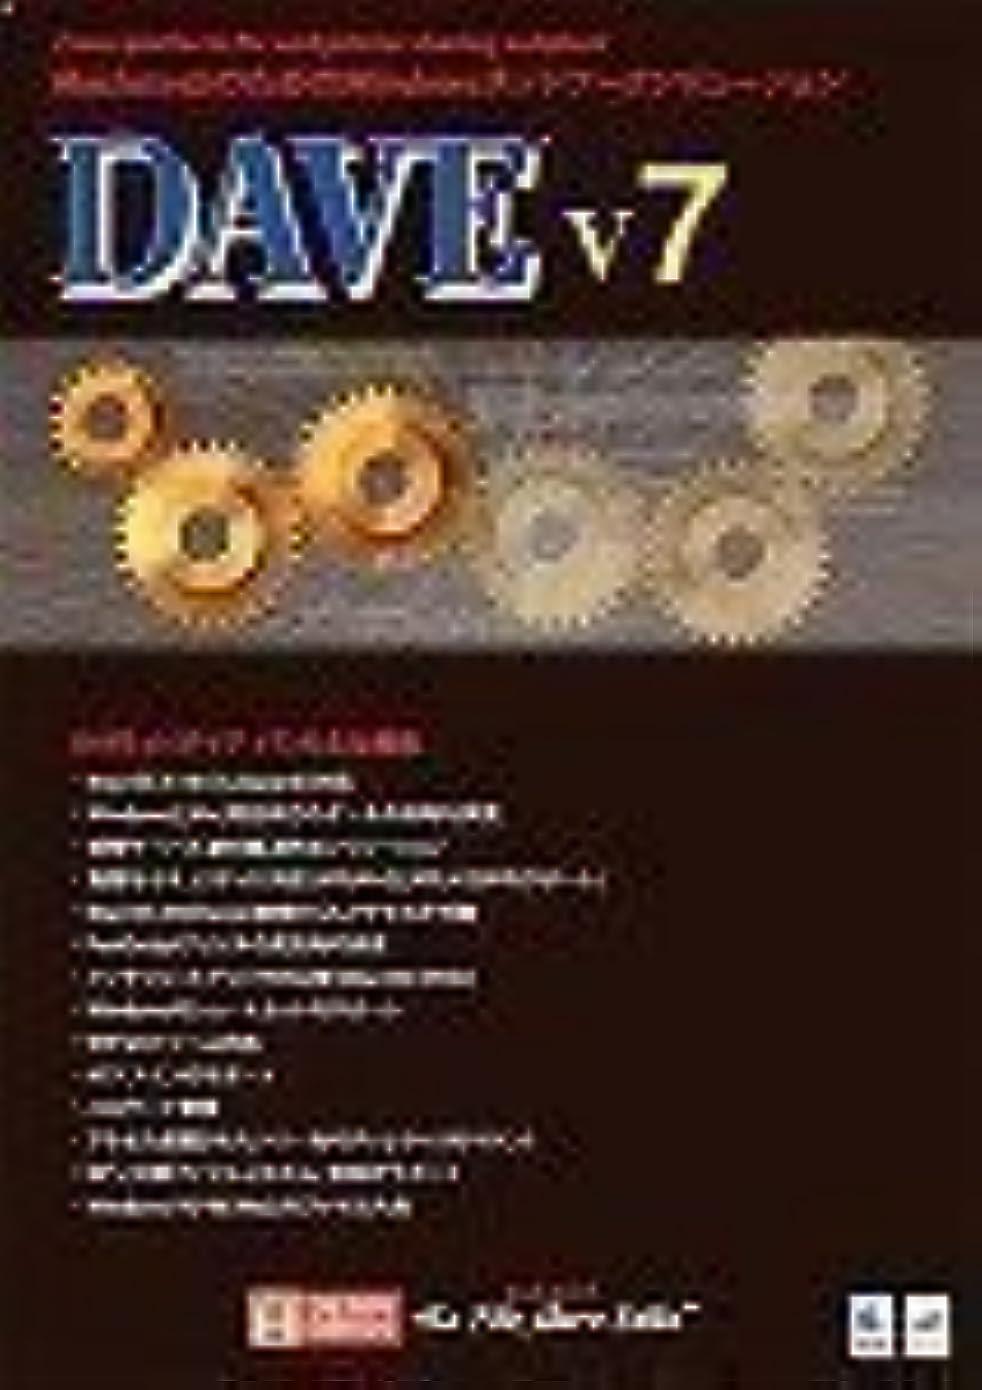 おとこ形状嵐のDAVE v7 アカデミック版